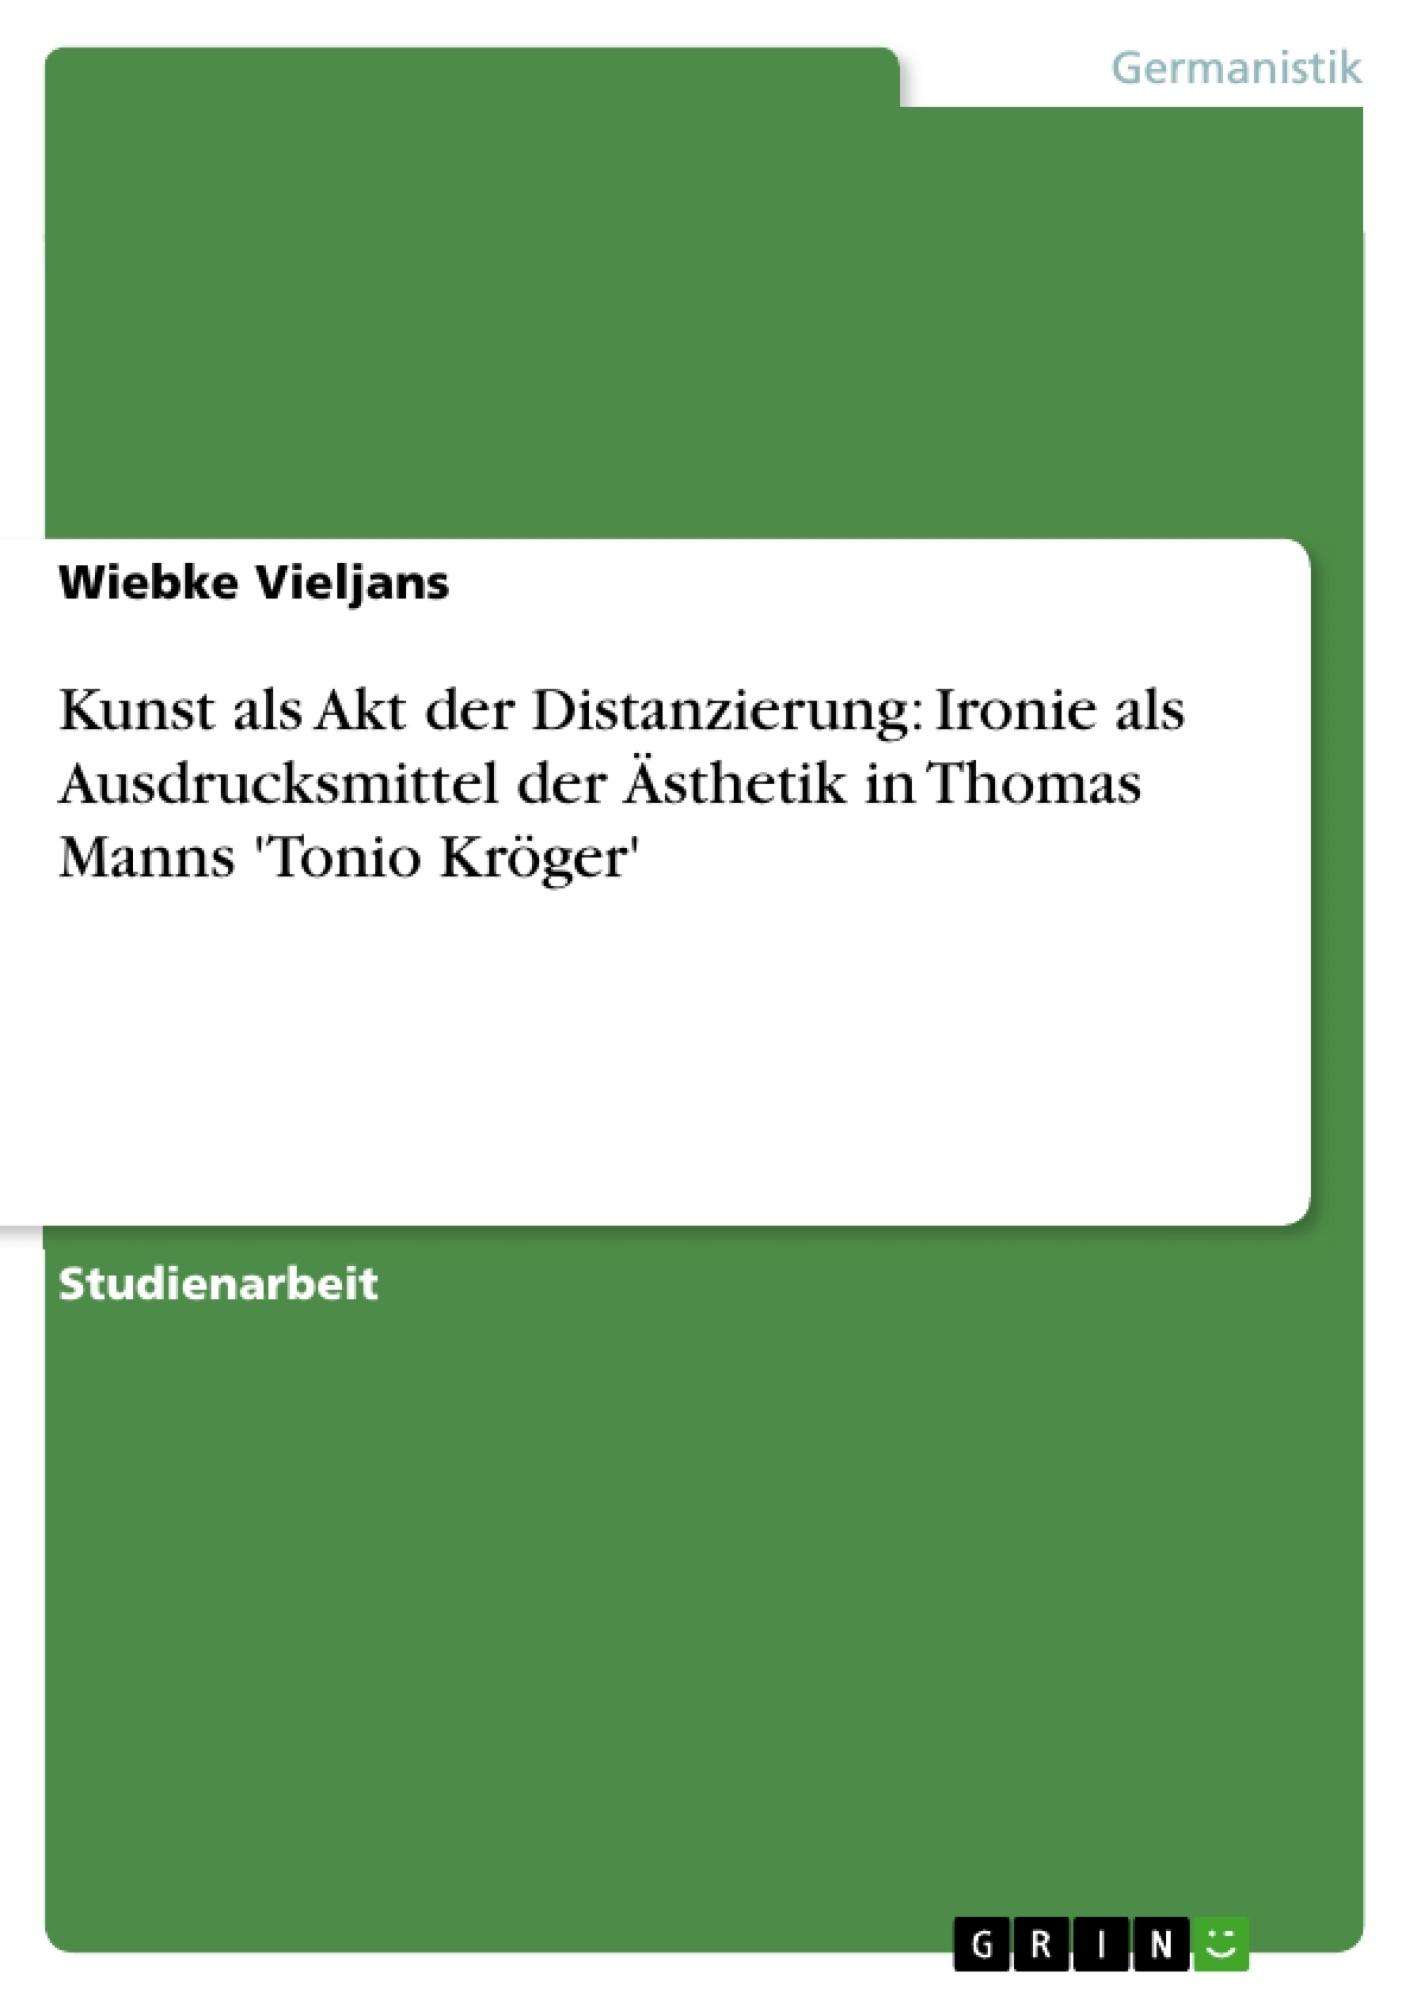 Titel: Kunst als Akt der Distanzierung: Ironie als Ausdrucksmittel der Ästhetik in Thomas Manns 'Tonio Kröger'